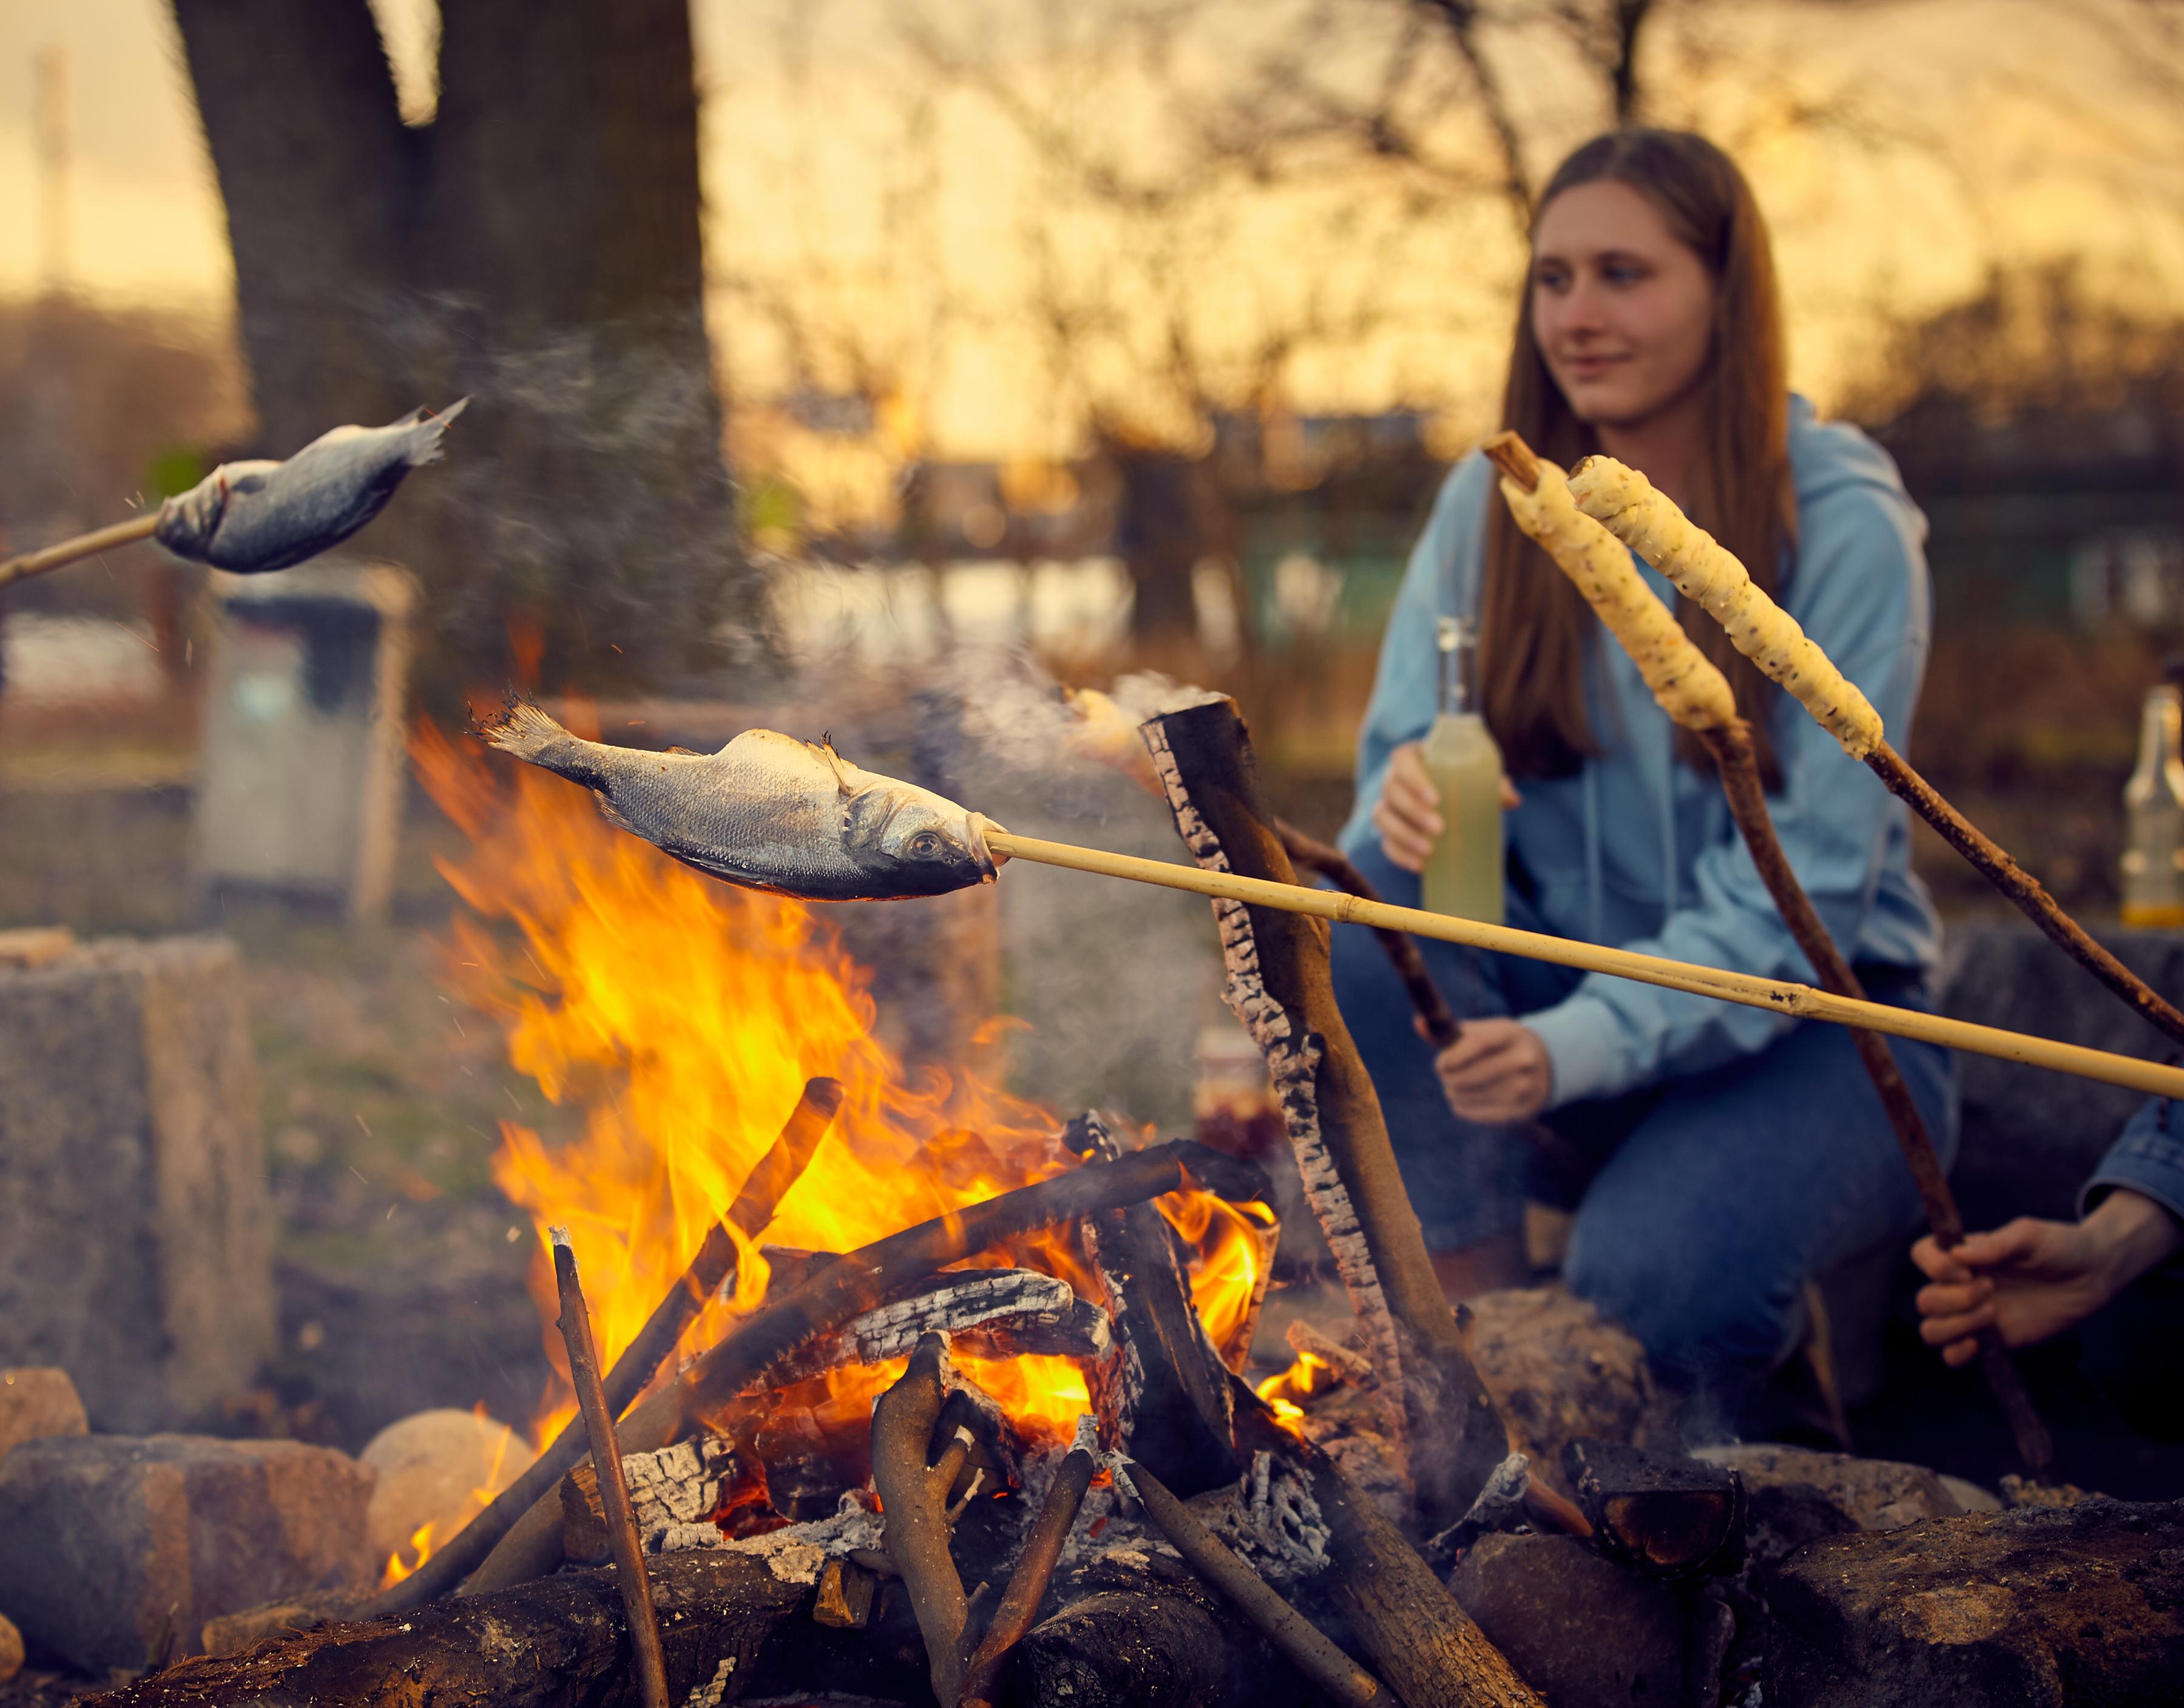 Profitipps zum kulinarischen Lagerfeuer